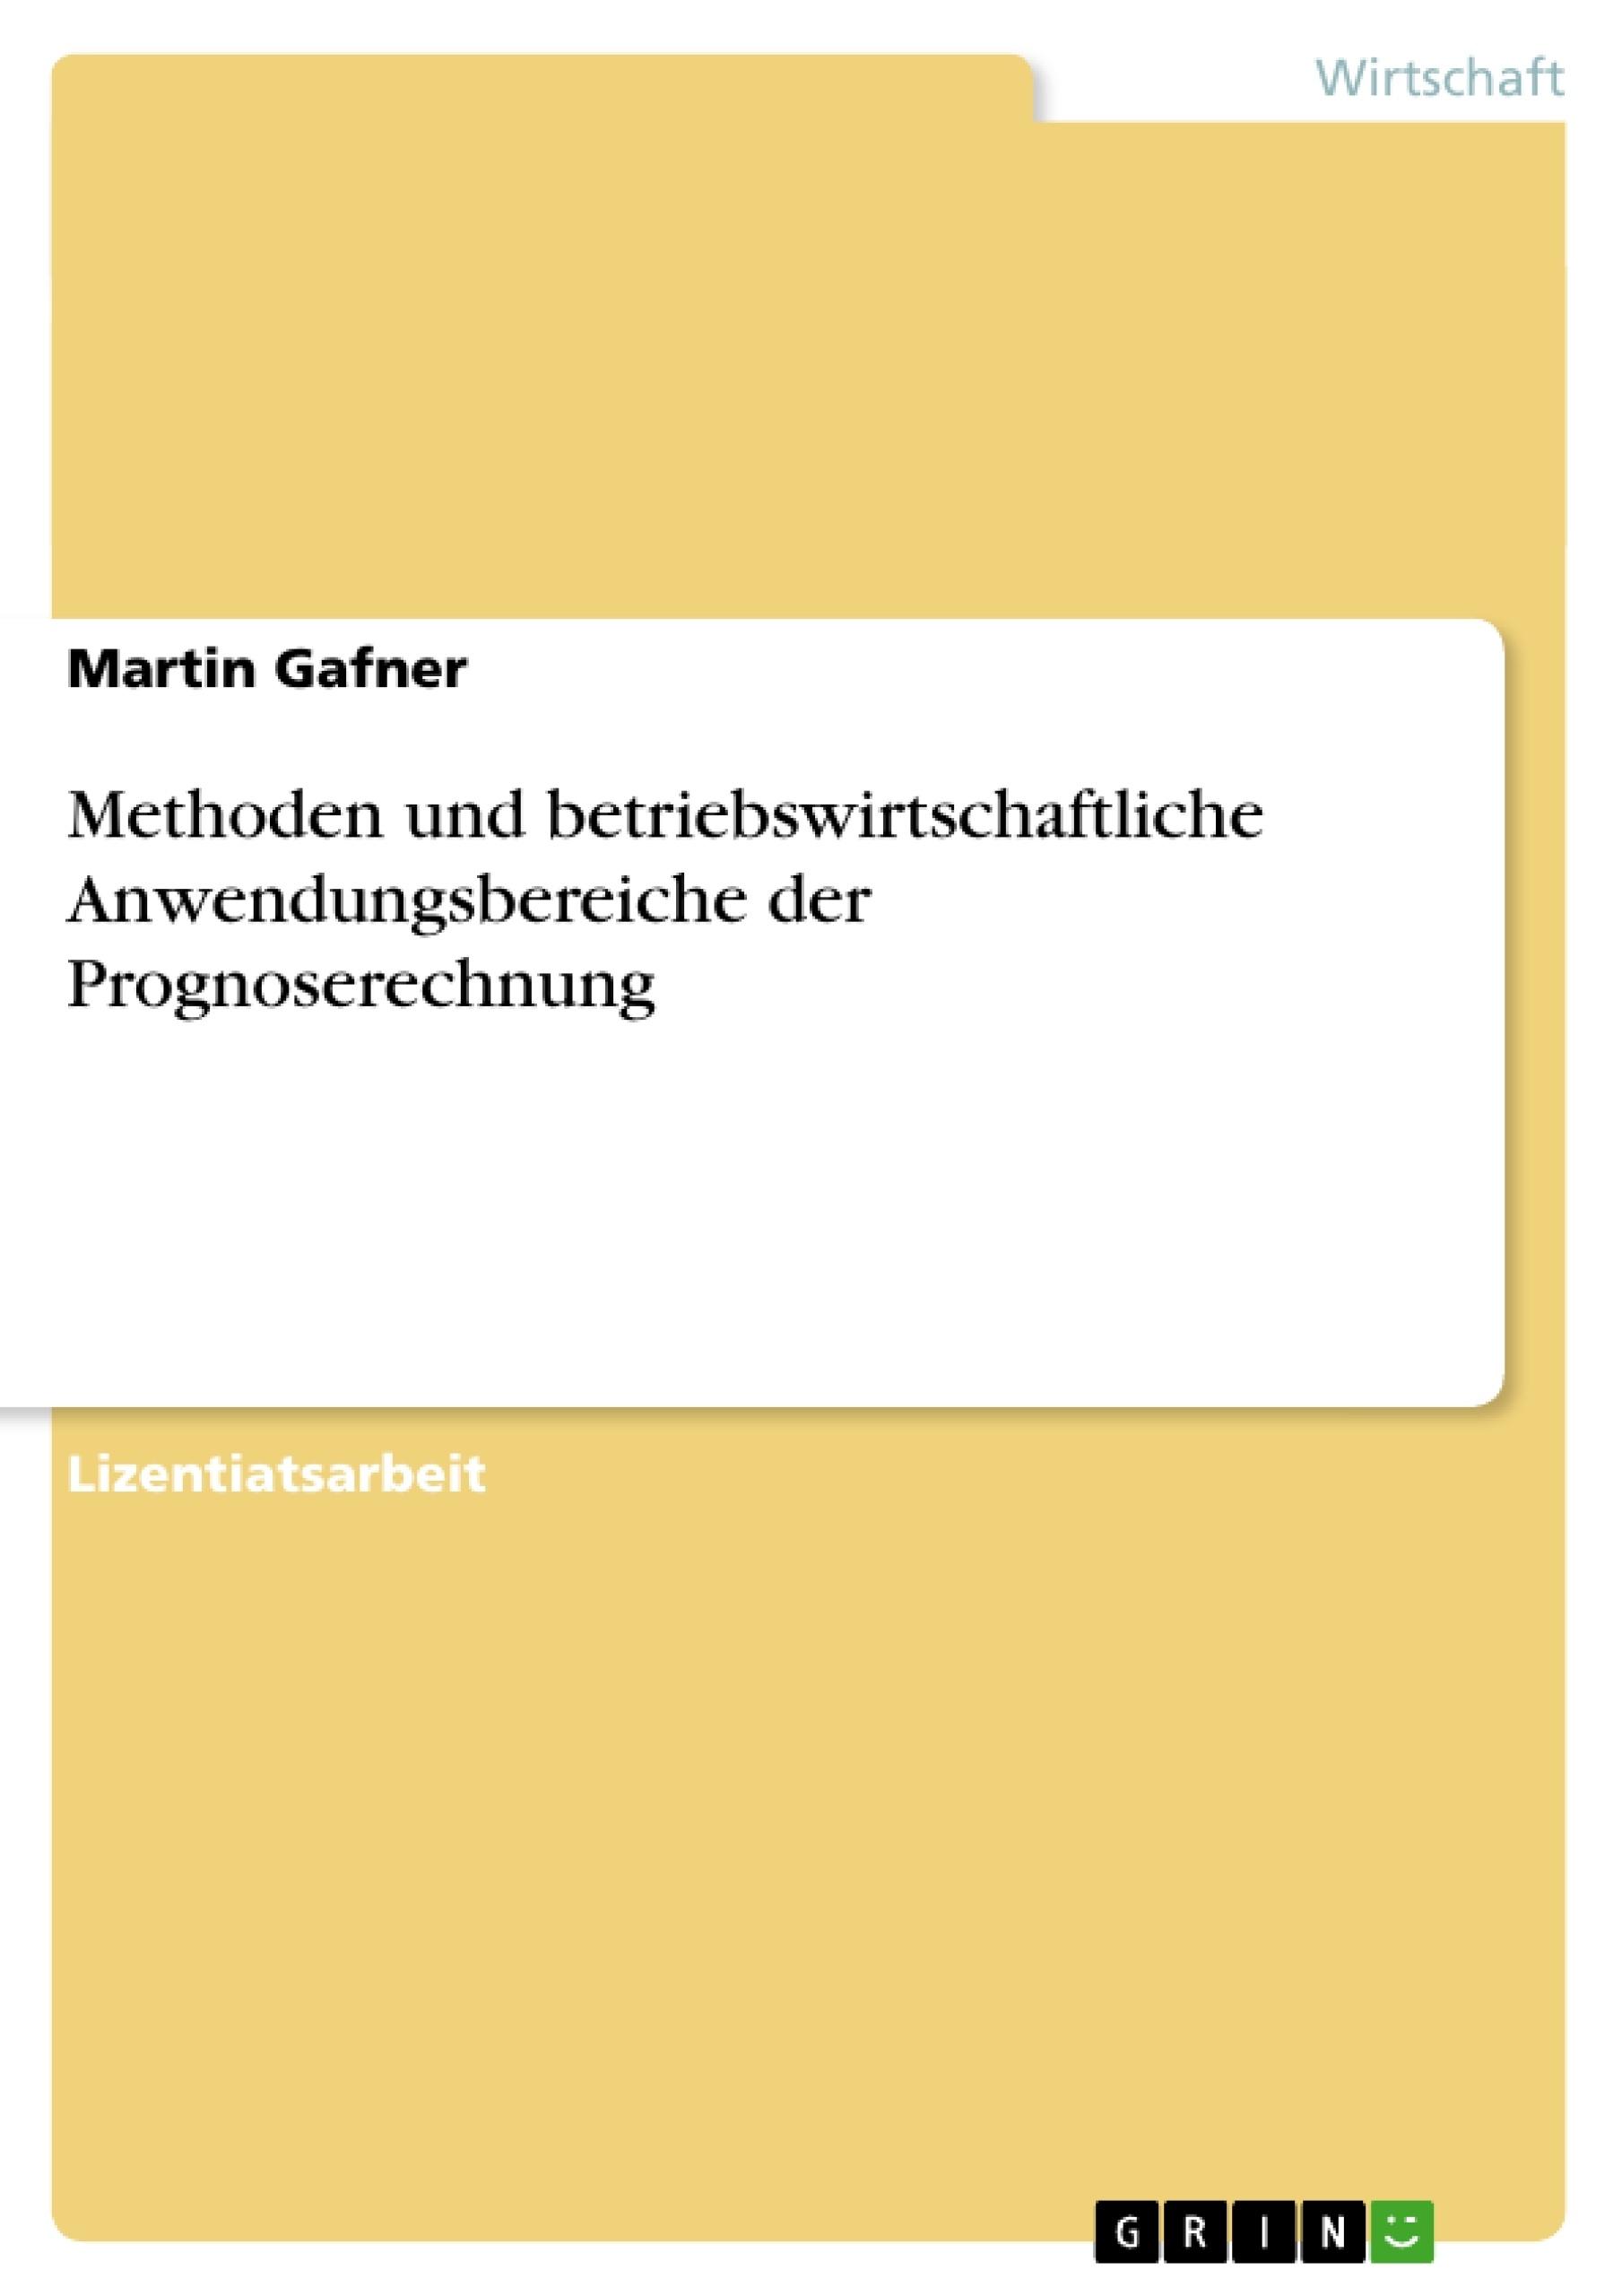 Titel: Methoden und betriebswirtschaftliche Anwendungsbereiche der Prognoserechnung